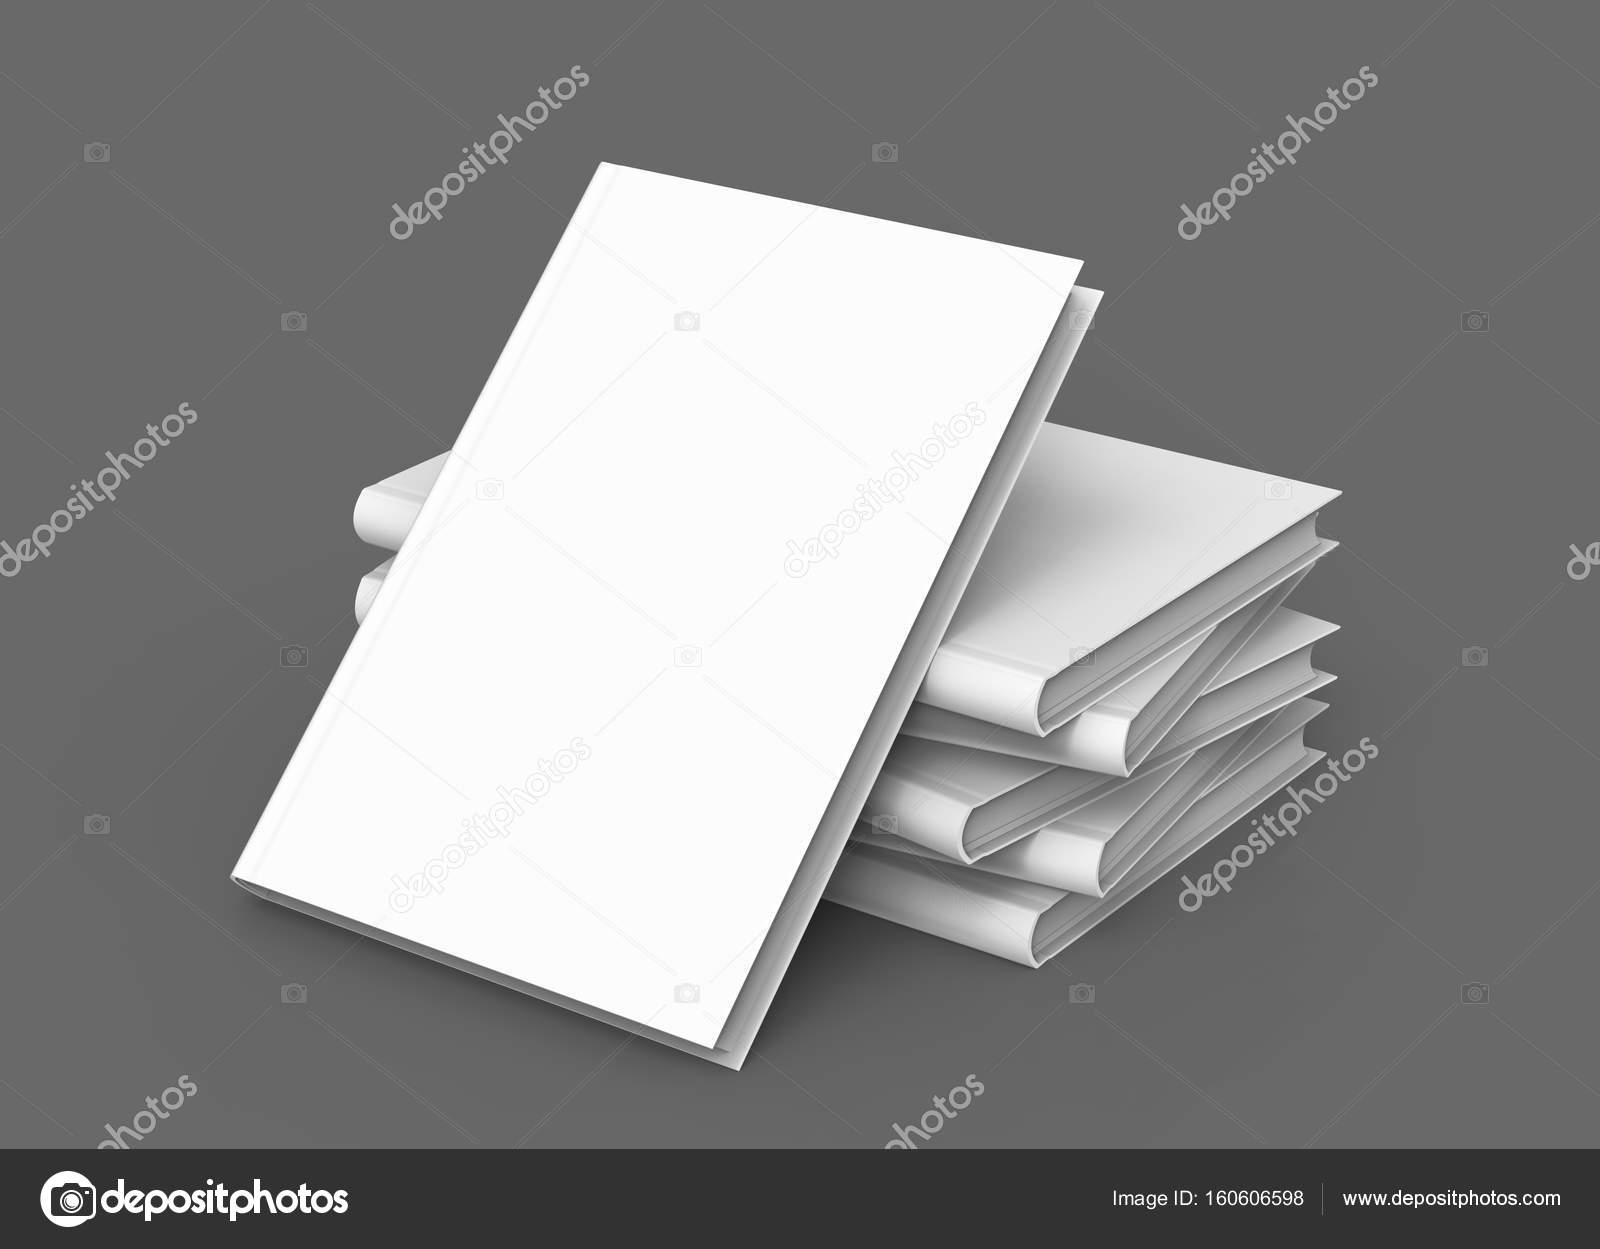 Hardcover-Bücher-Vorlage — Stockfoto © kchungtw #160606598